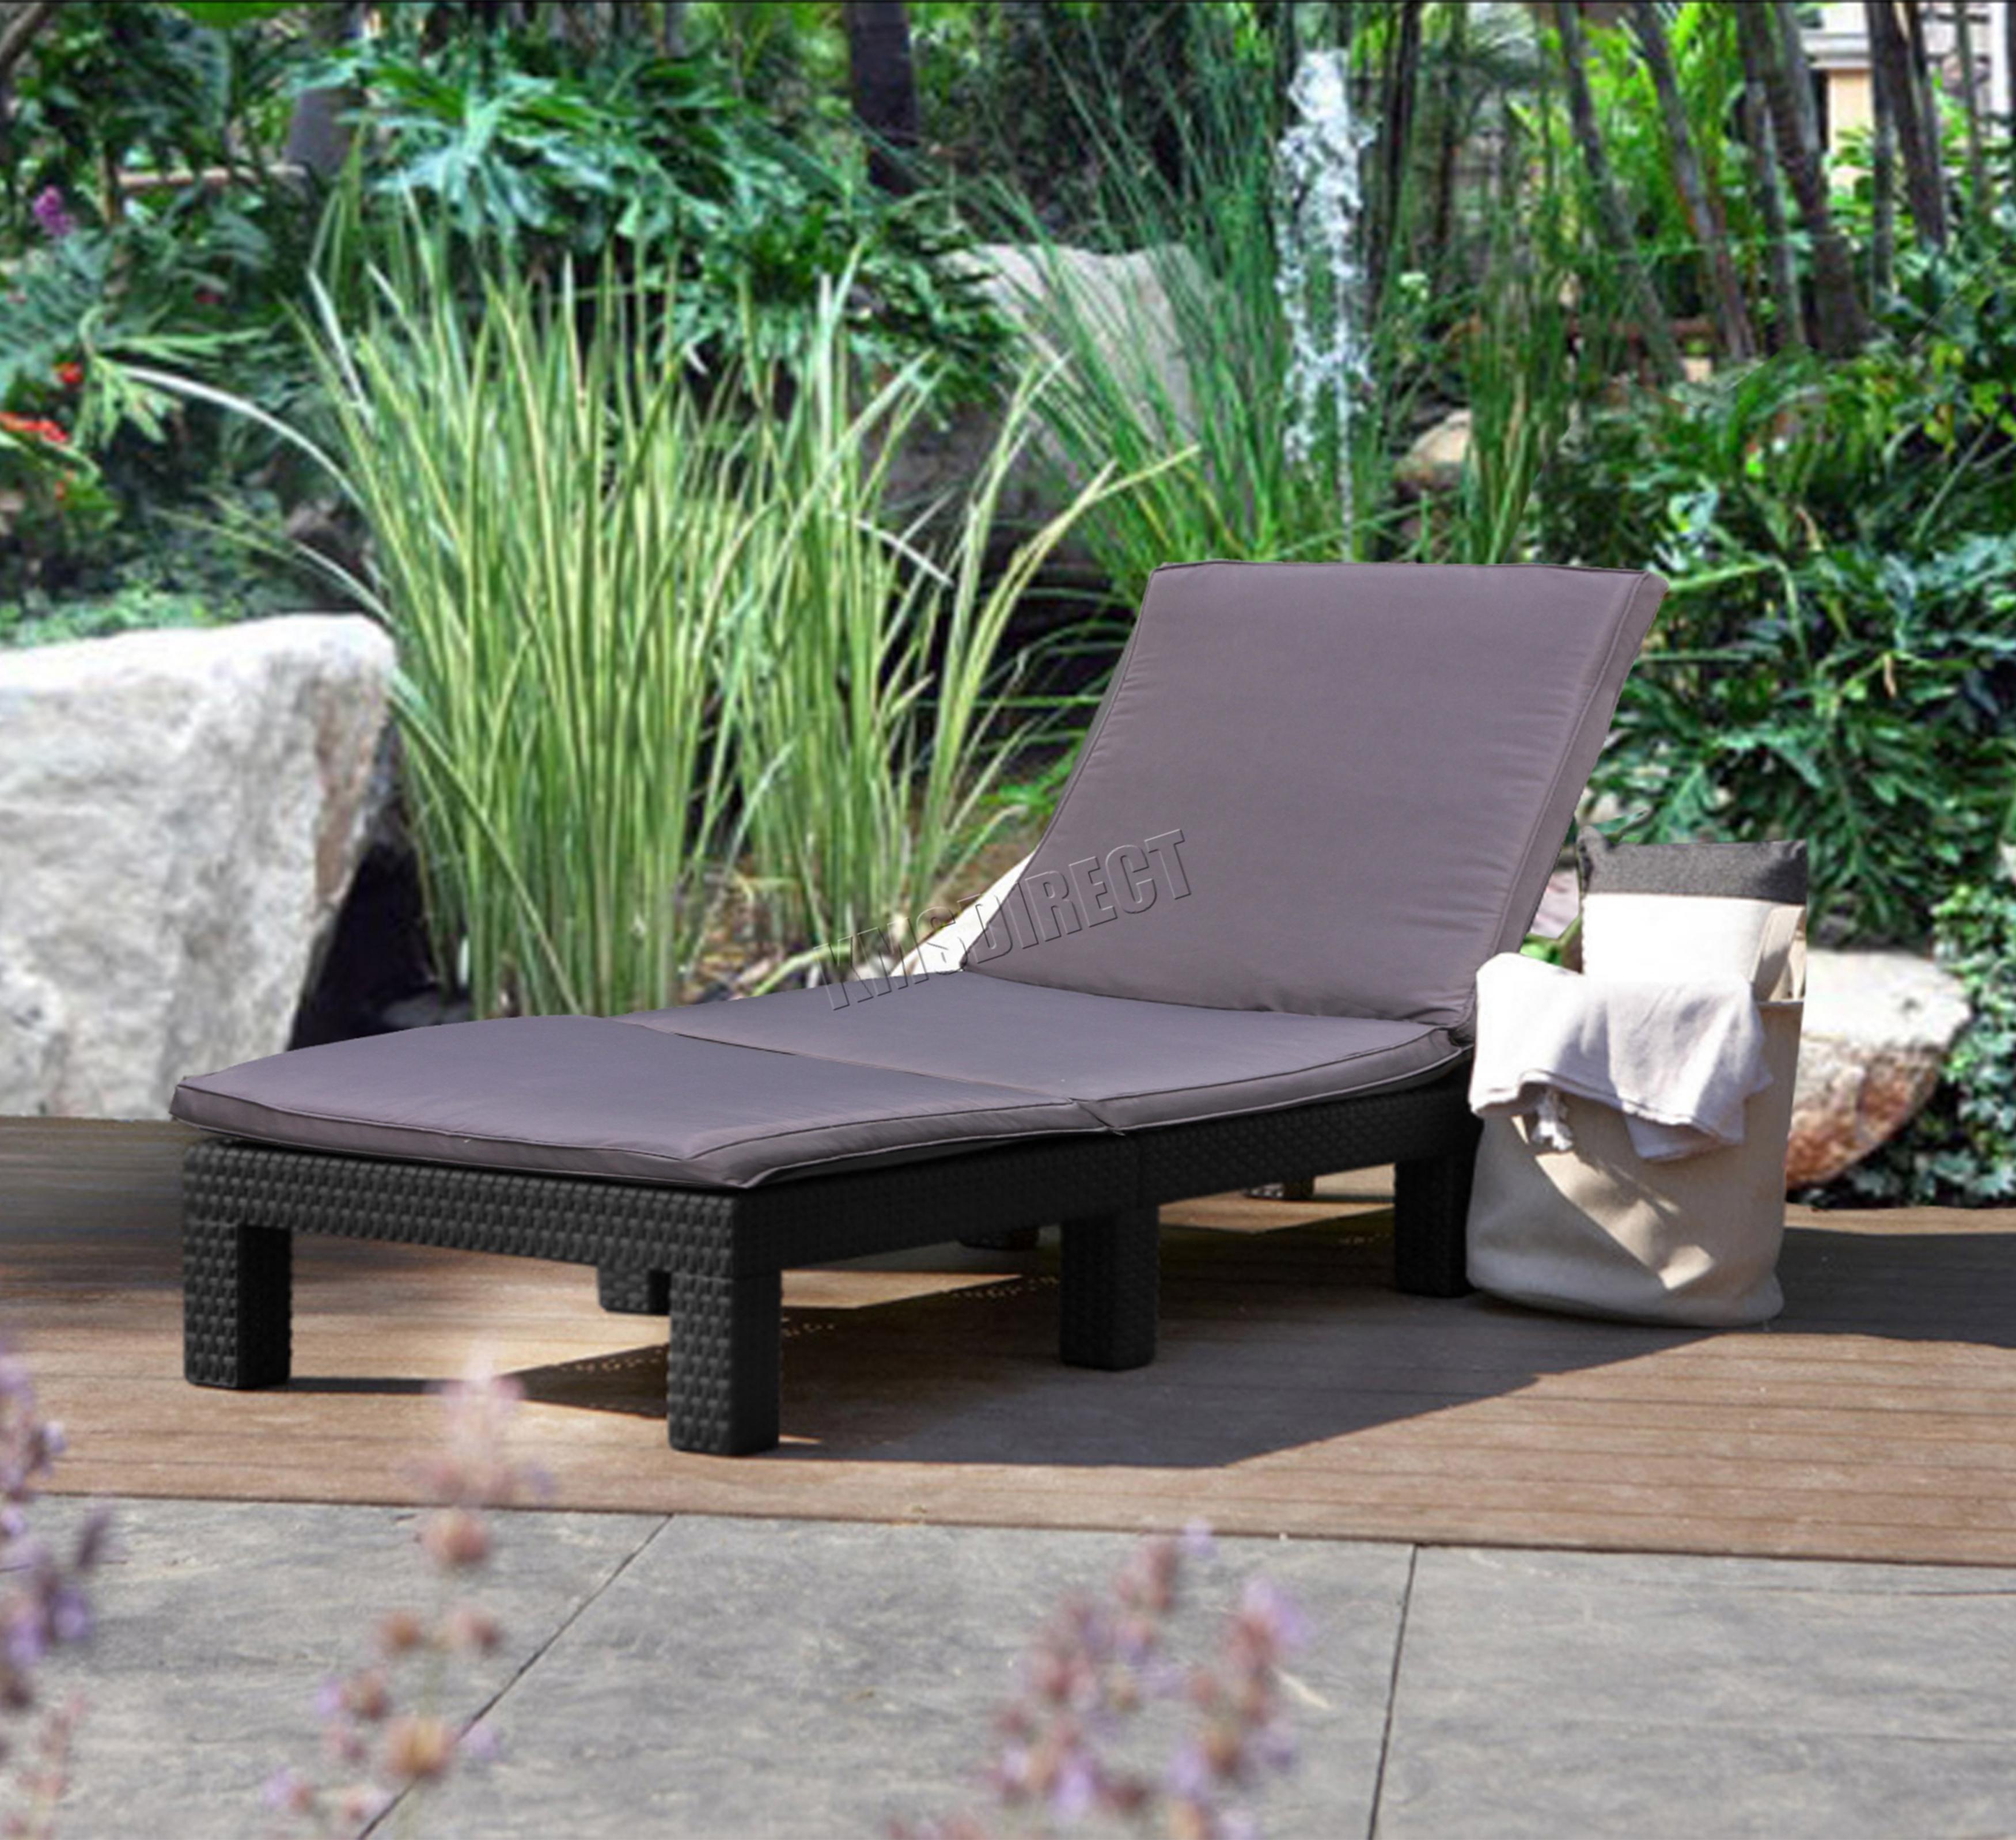 Foxhunter rotin jour chaise inclinable soleil lit longue for Lit exterieur jardin